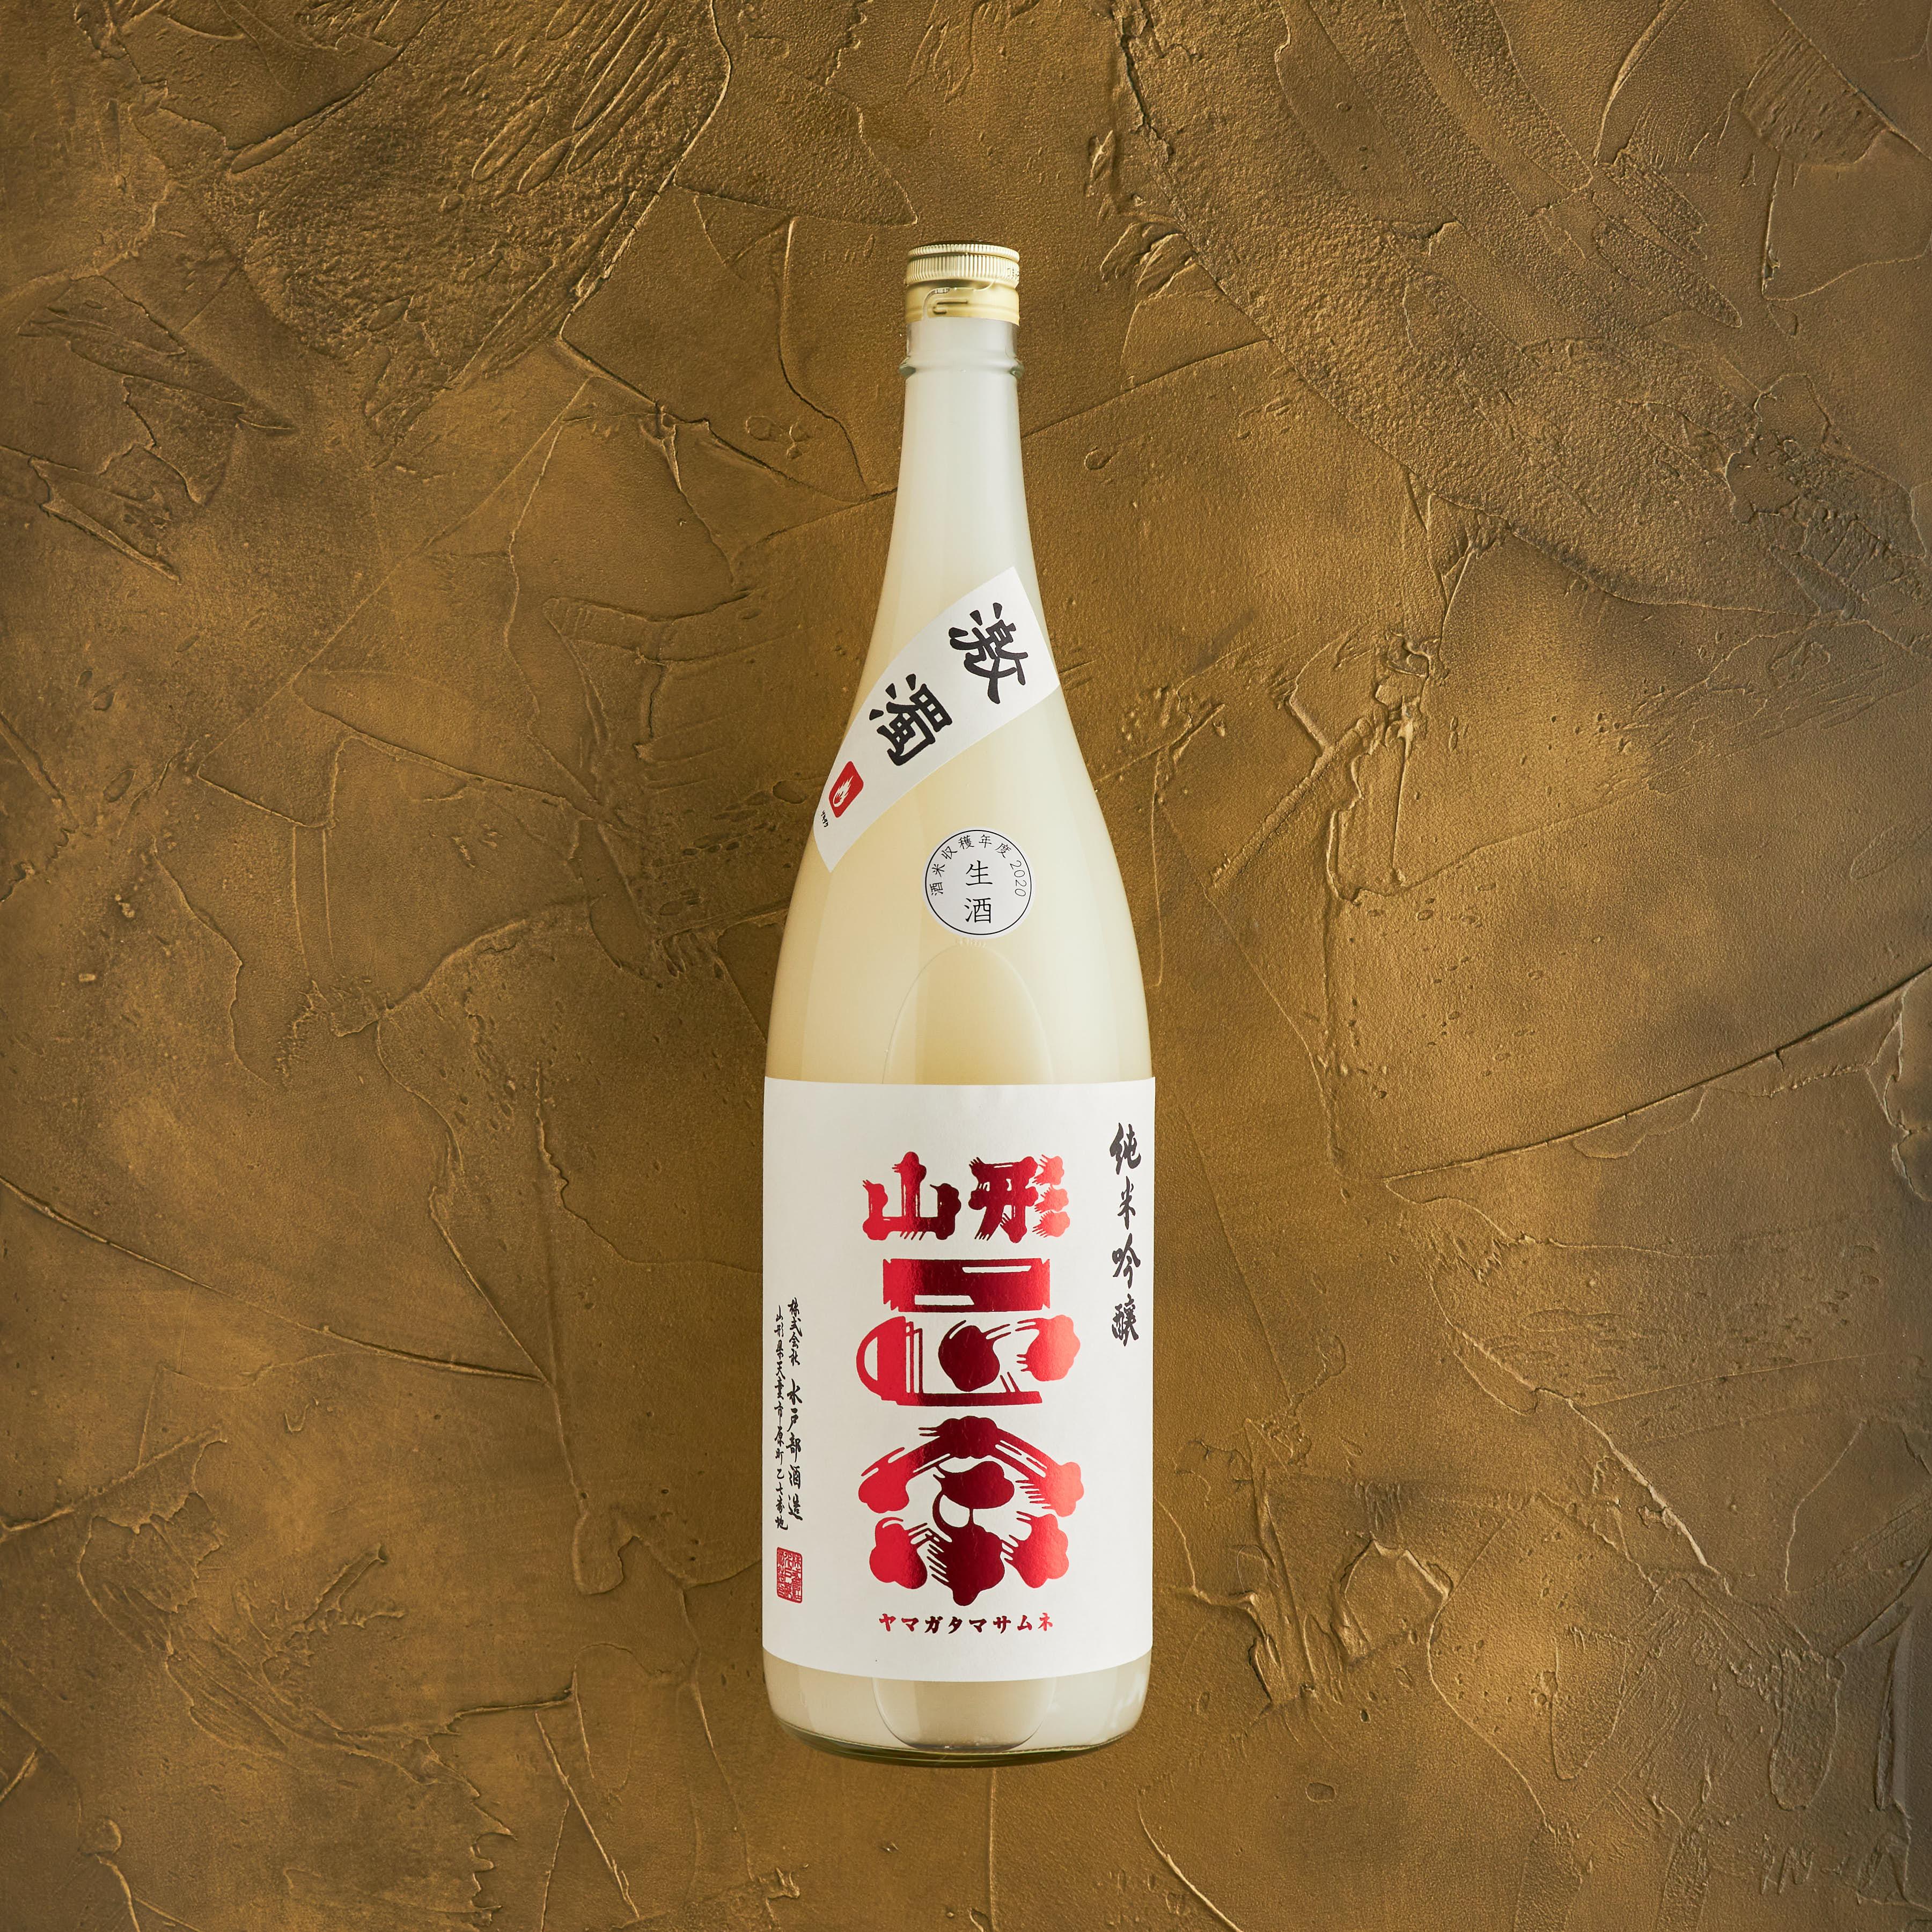 山形正宗 純米吟醸 激濁 1.8L